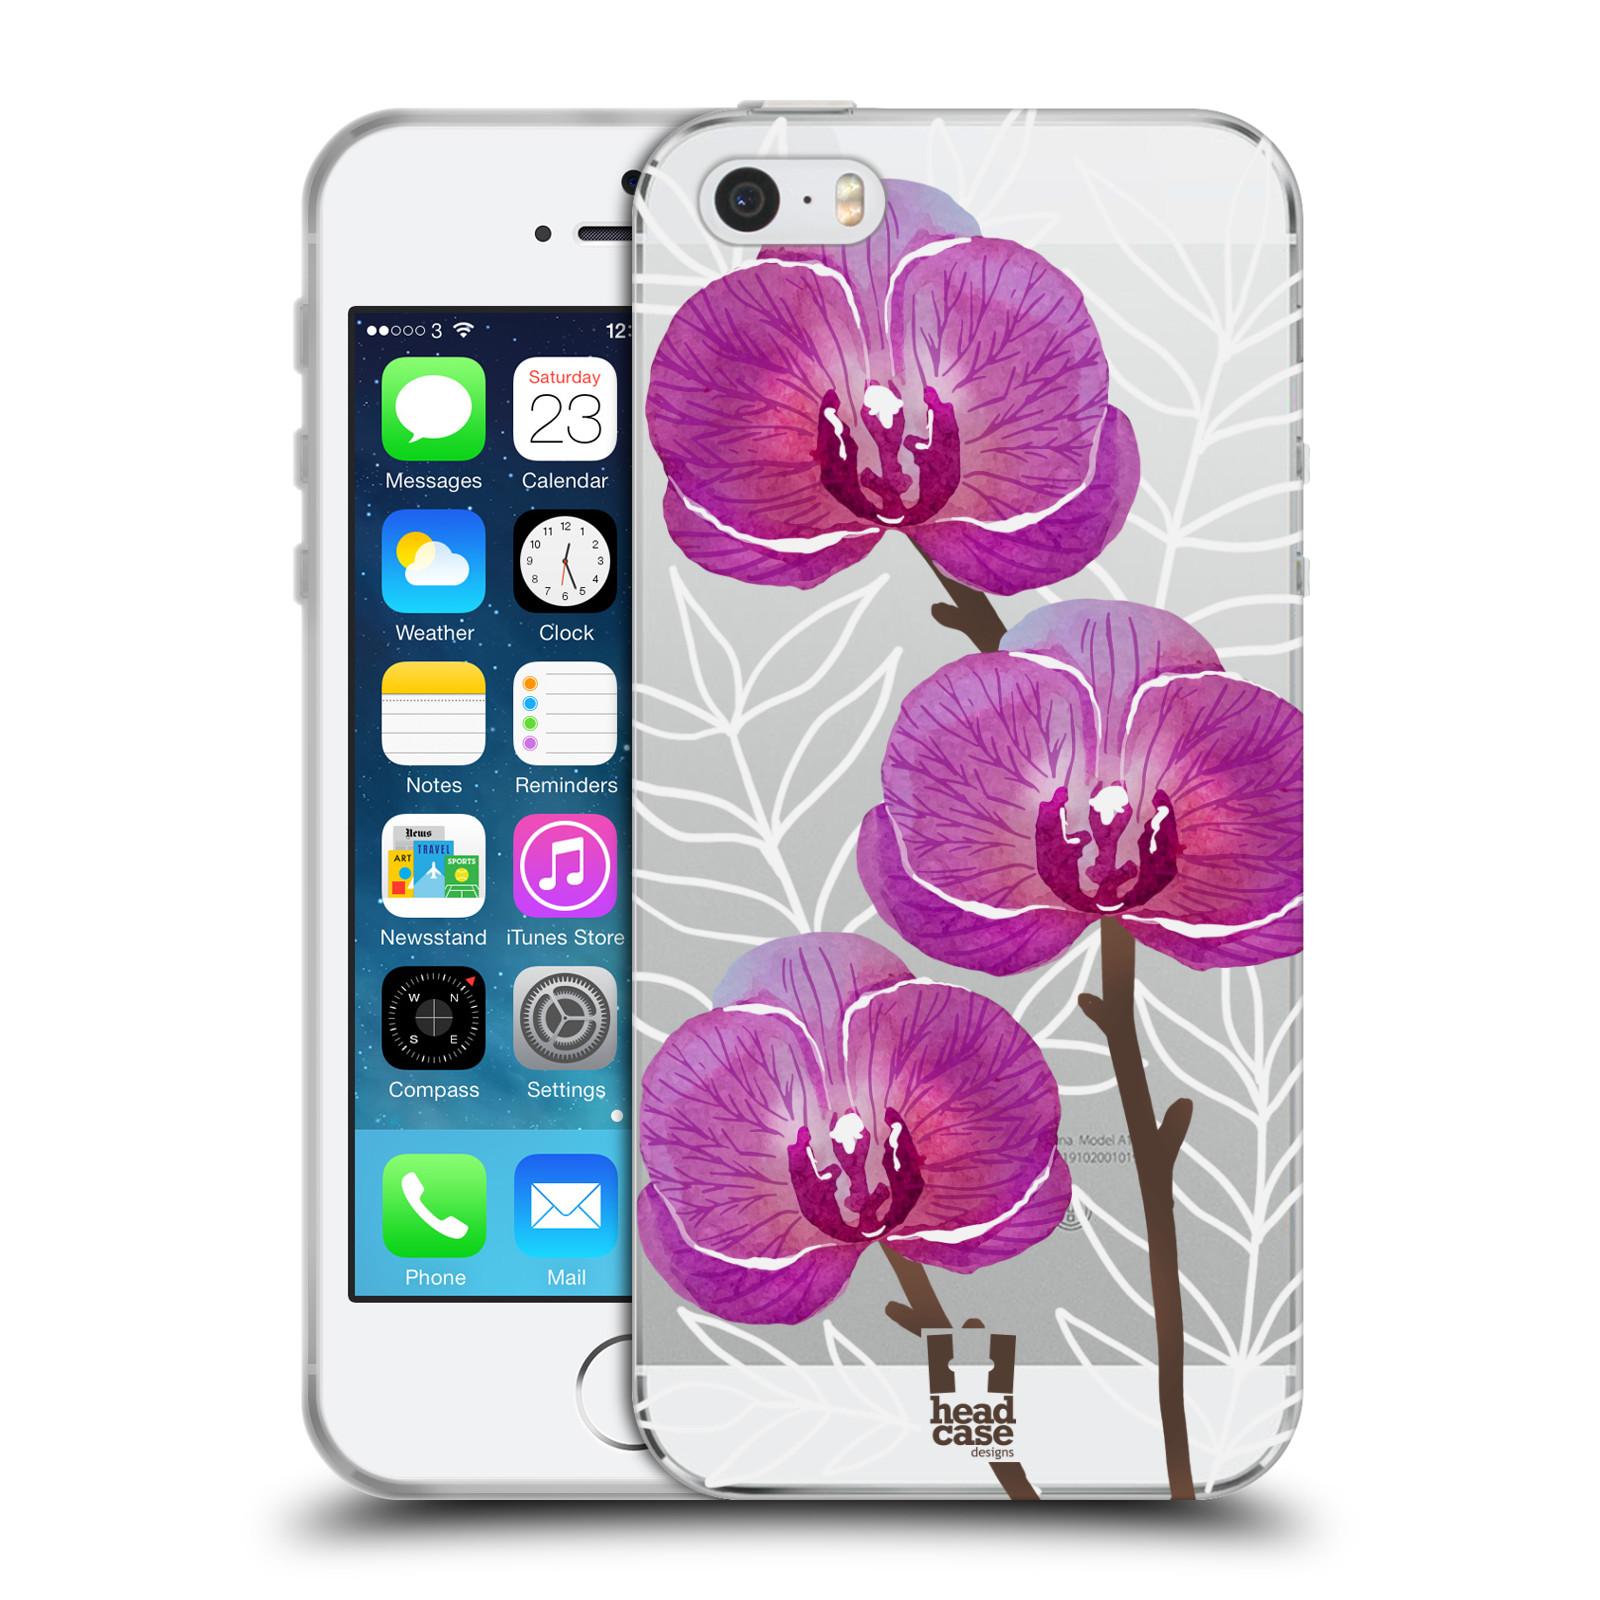 Silikonové pouzdro na mobil Apple iPhone 5, 5S, SE - Head Case - Hezoučké kvítky - průhledné